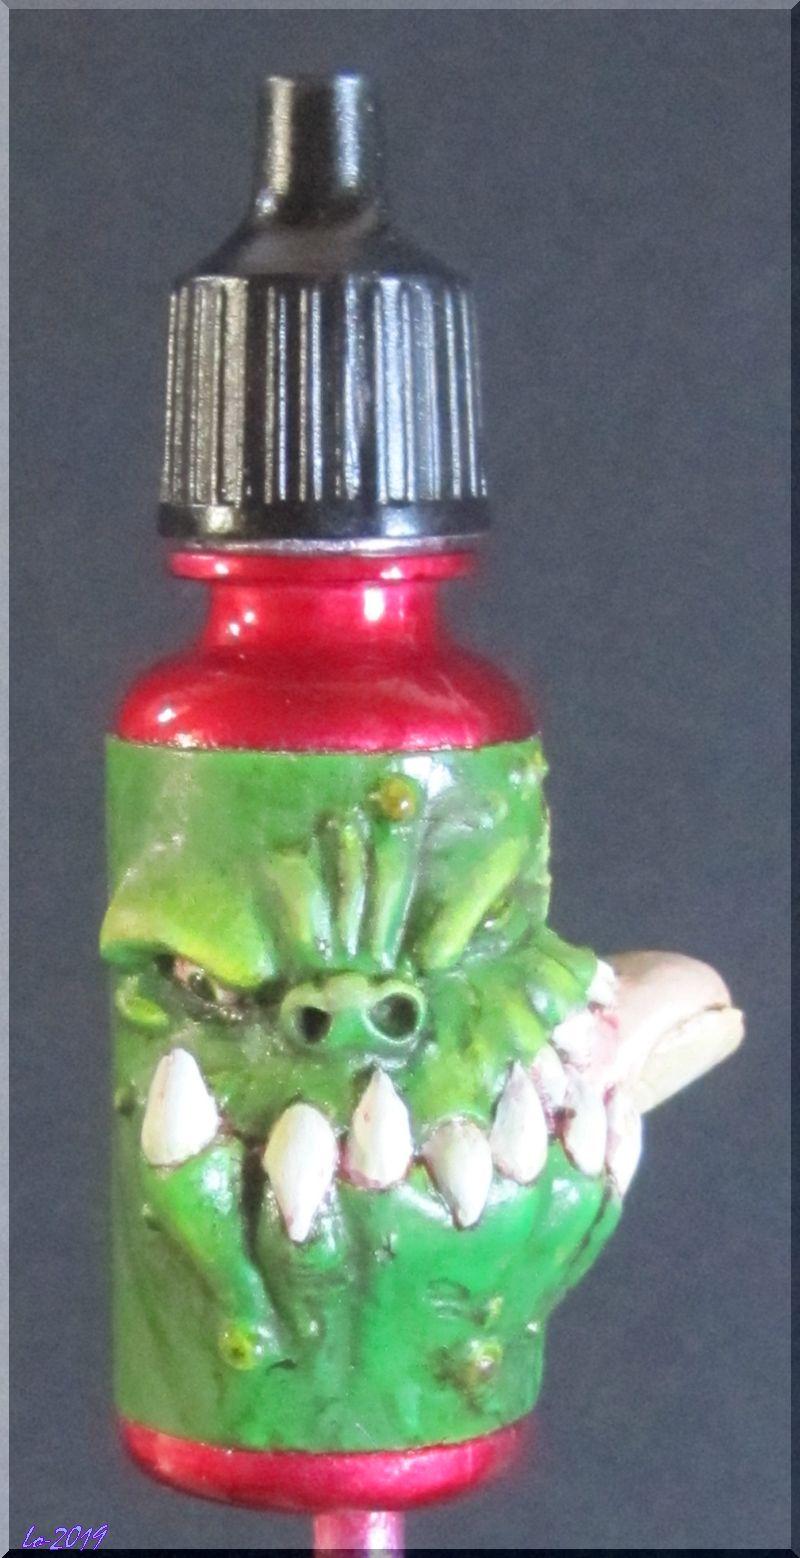 Le Kroc-doigt - MAOW - Echelle flacon de peinture acrylique - Page 2 Rouge_11